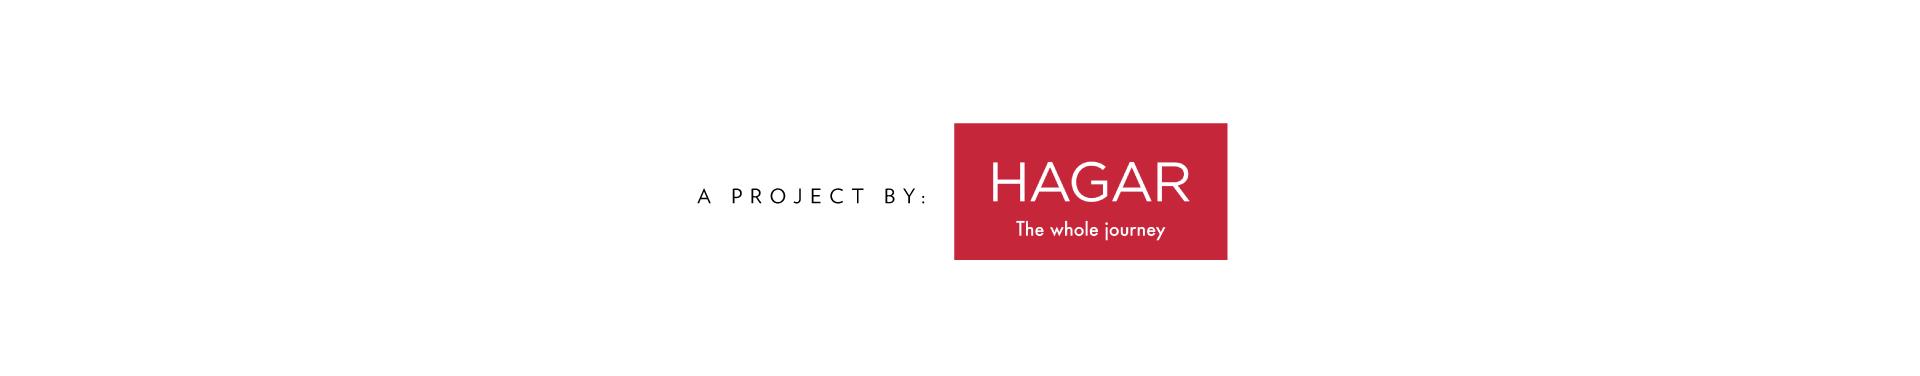 HAGAR_logo_1920by376 R2.jpg